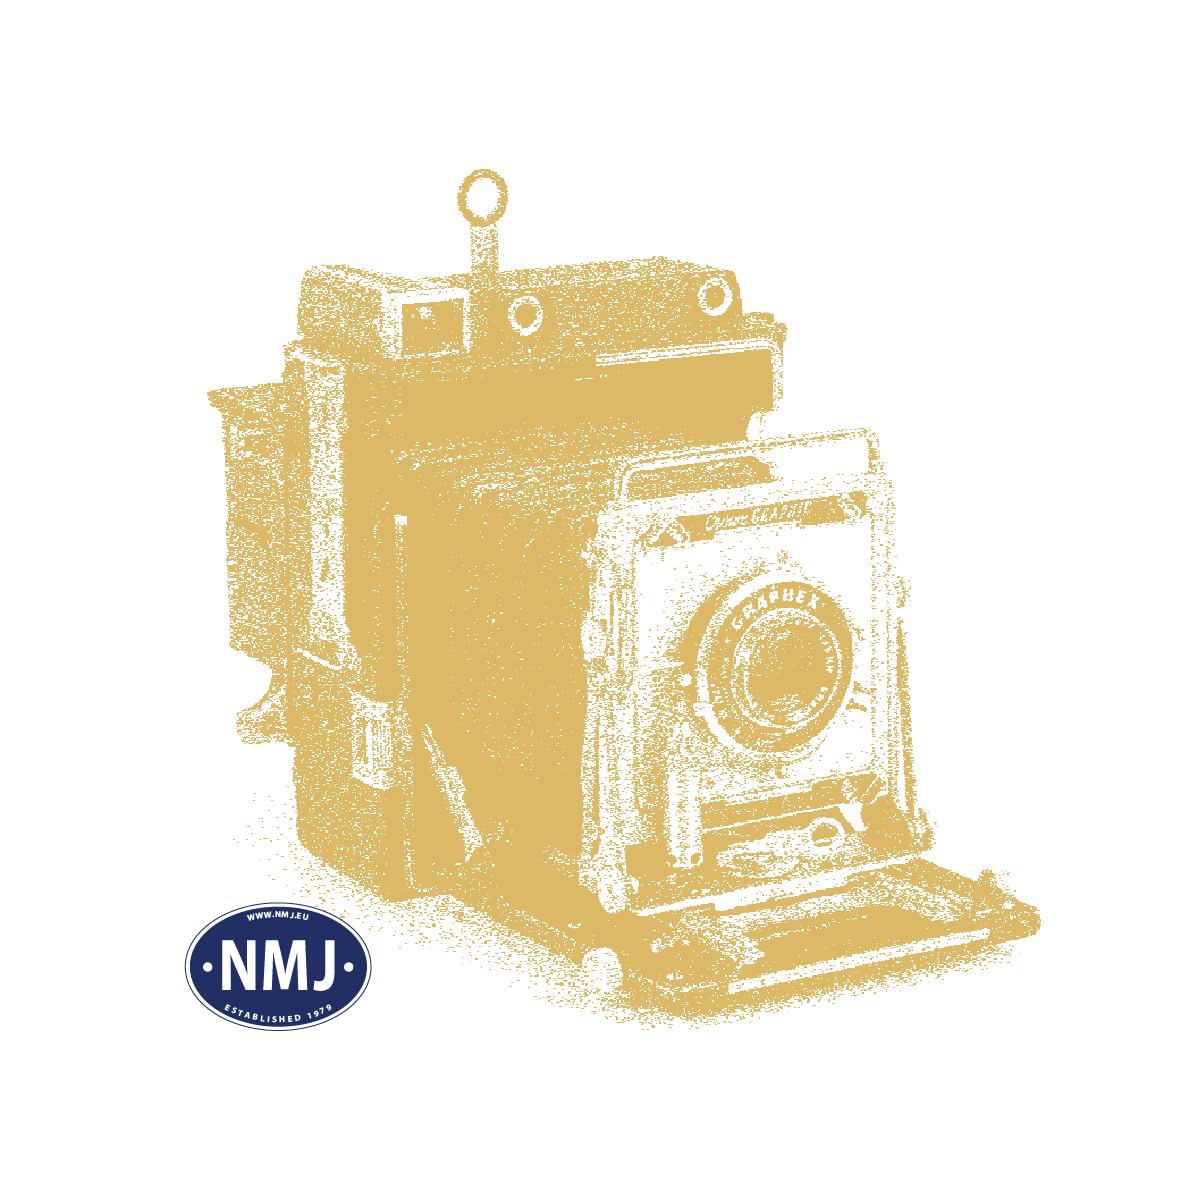 NMJT145303 - NMJ Topline CFL 1601, Tidlig Versjon, DCC m/ Lyd, 0-Skala